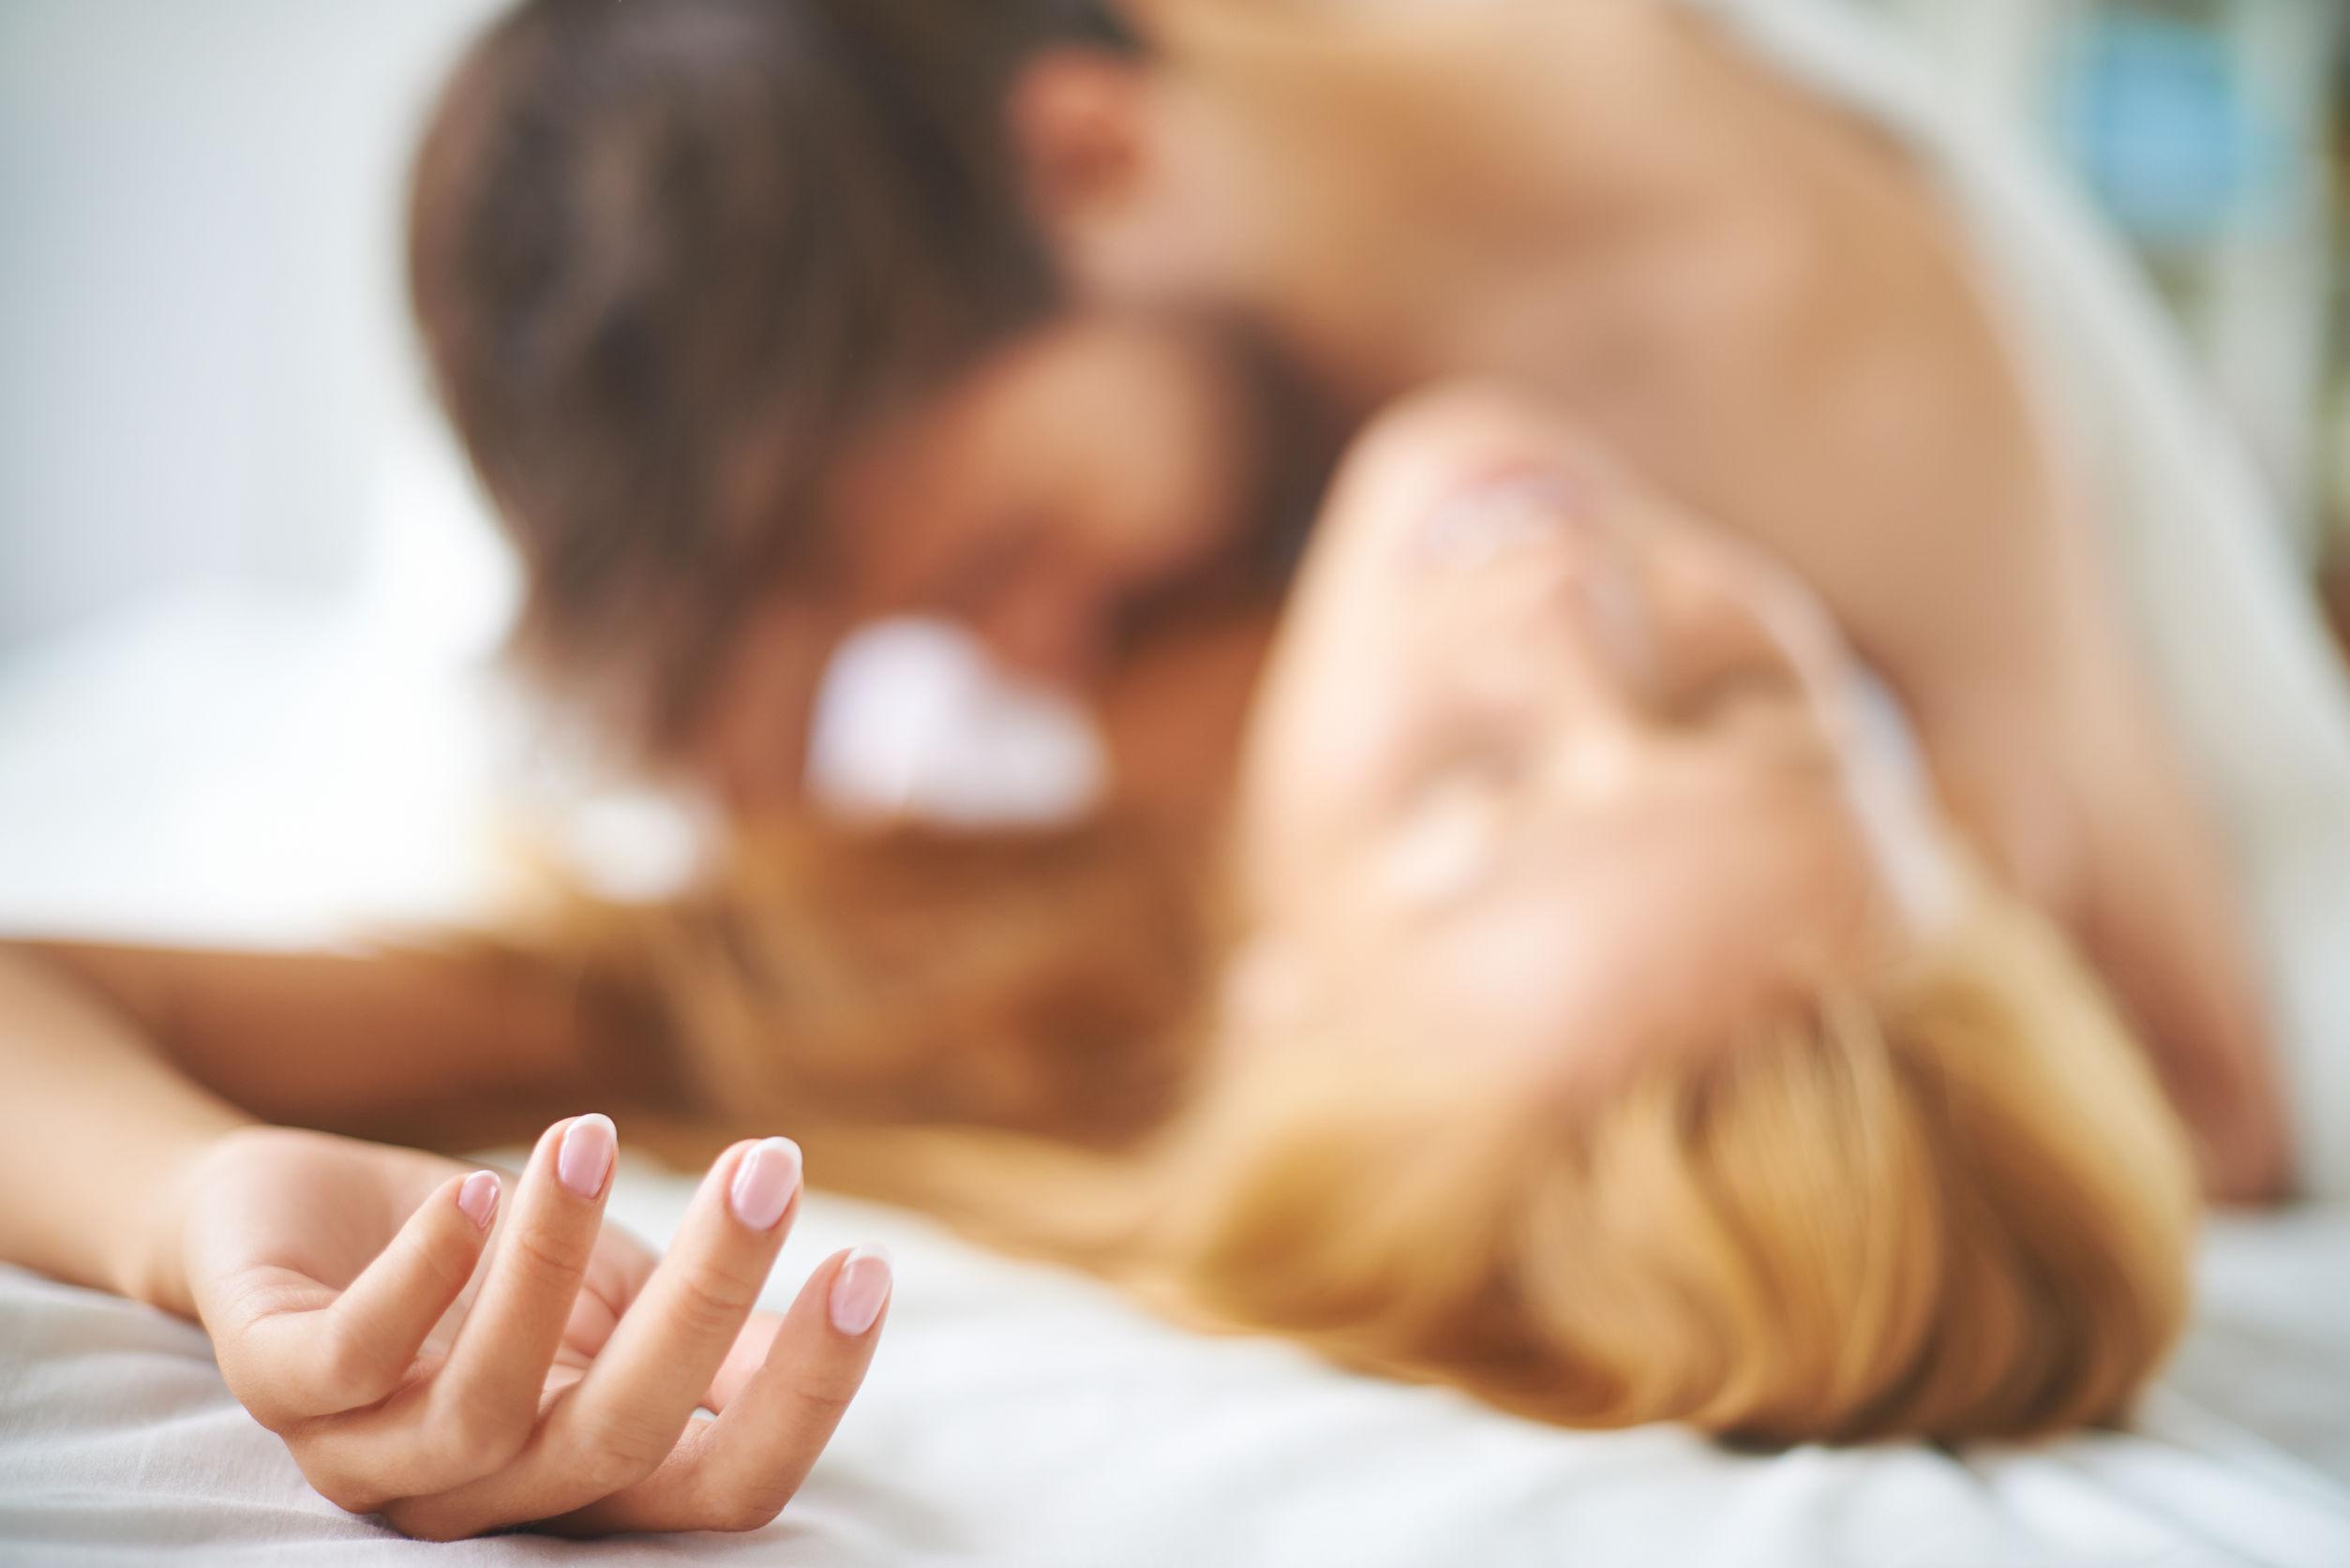 czy każda kobieta może mieć orgazm kobiecy